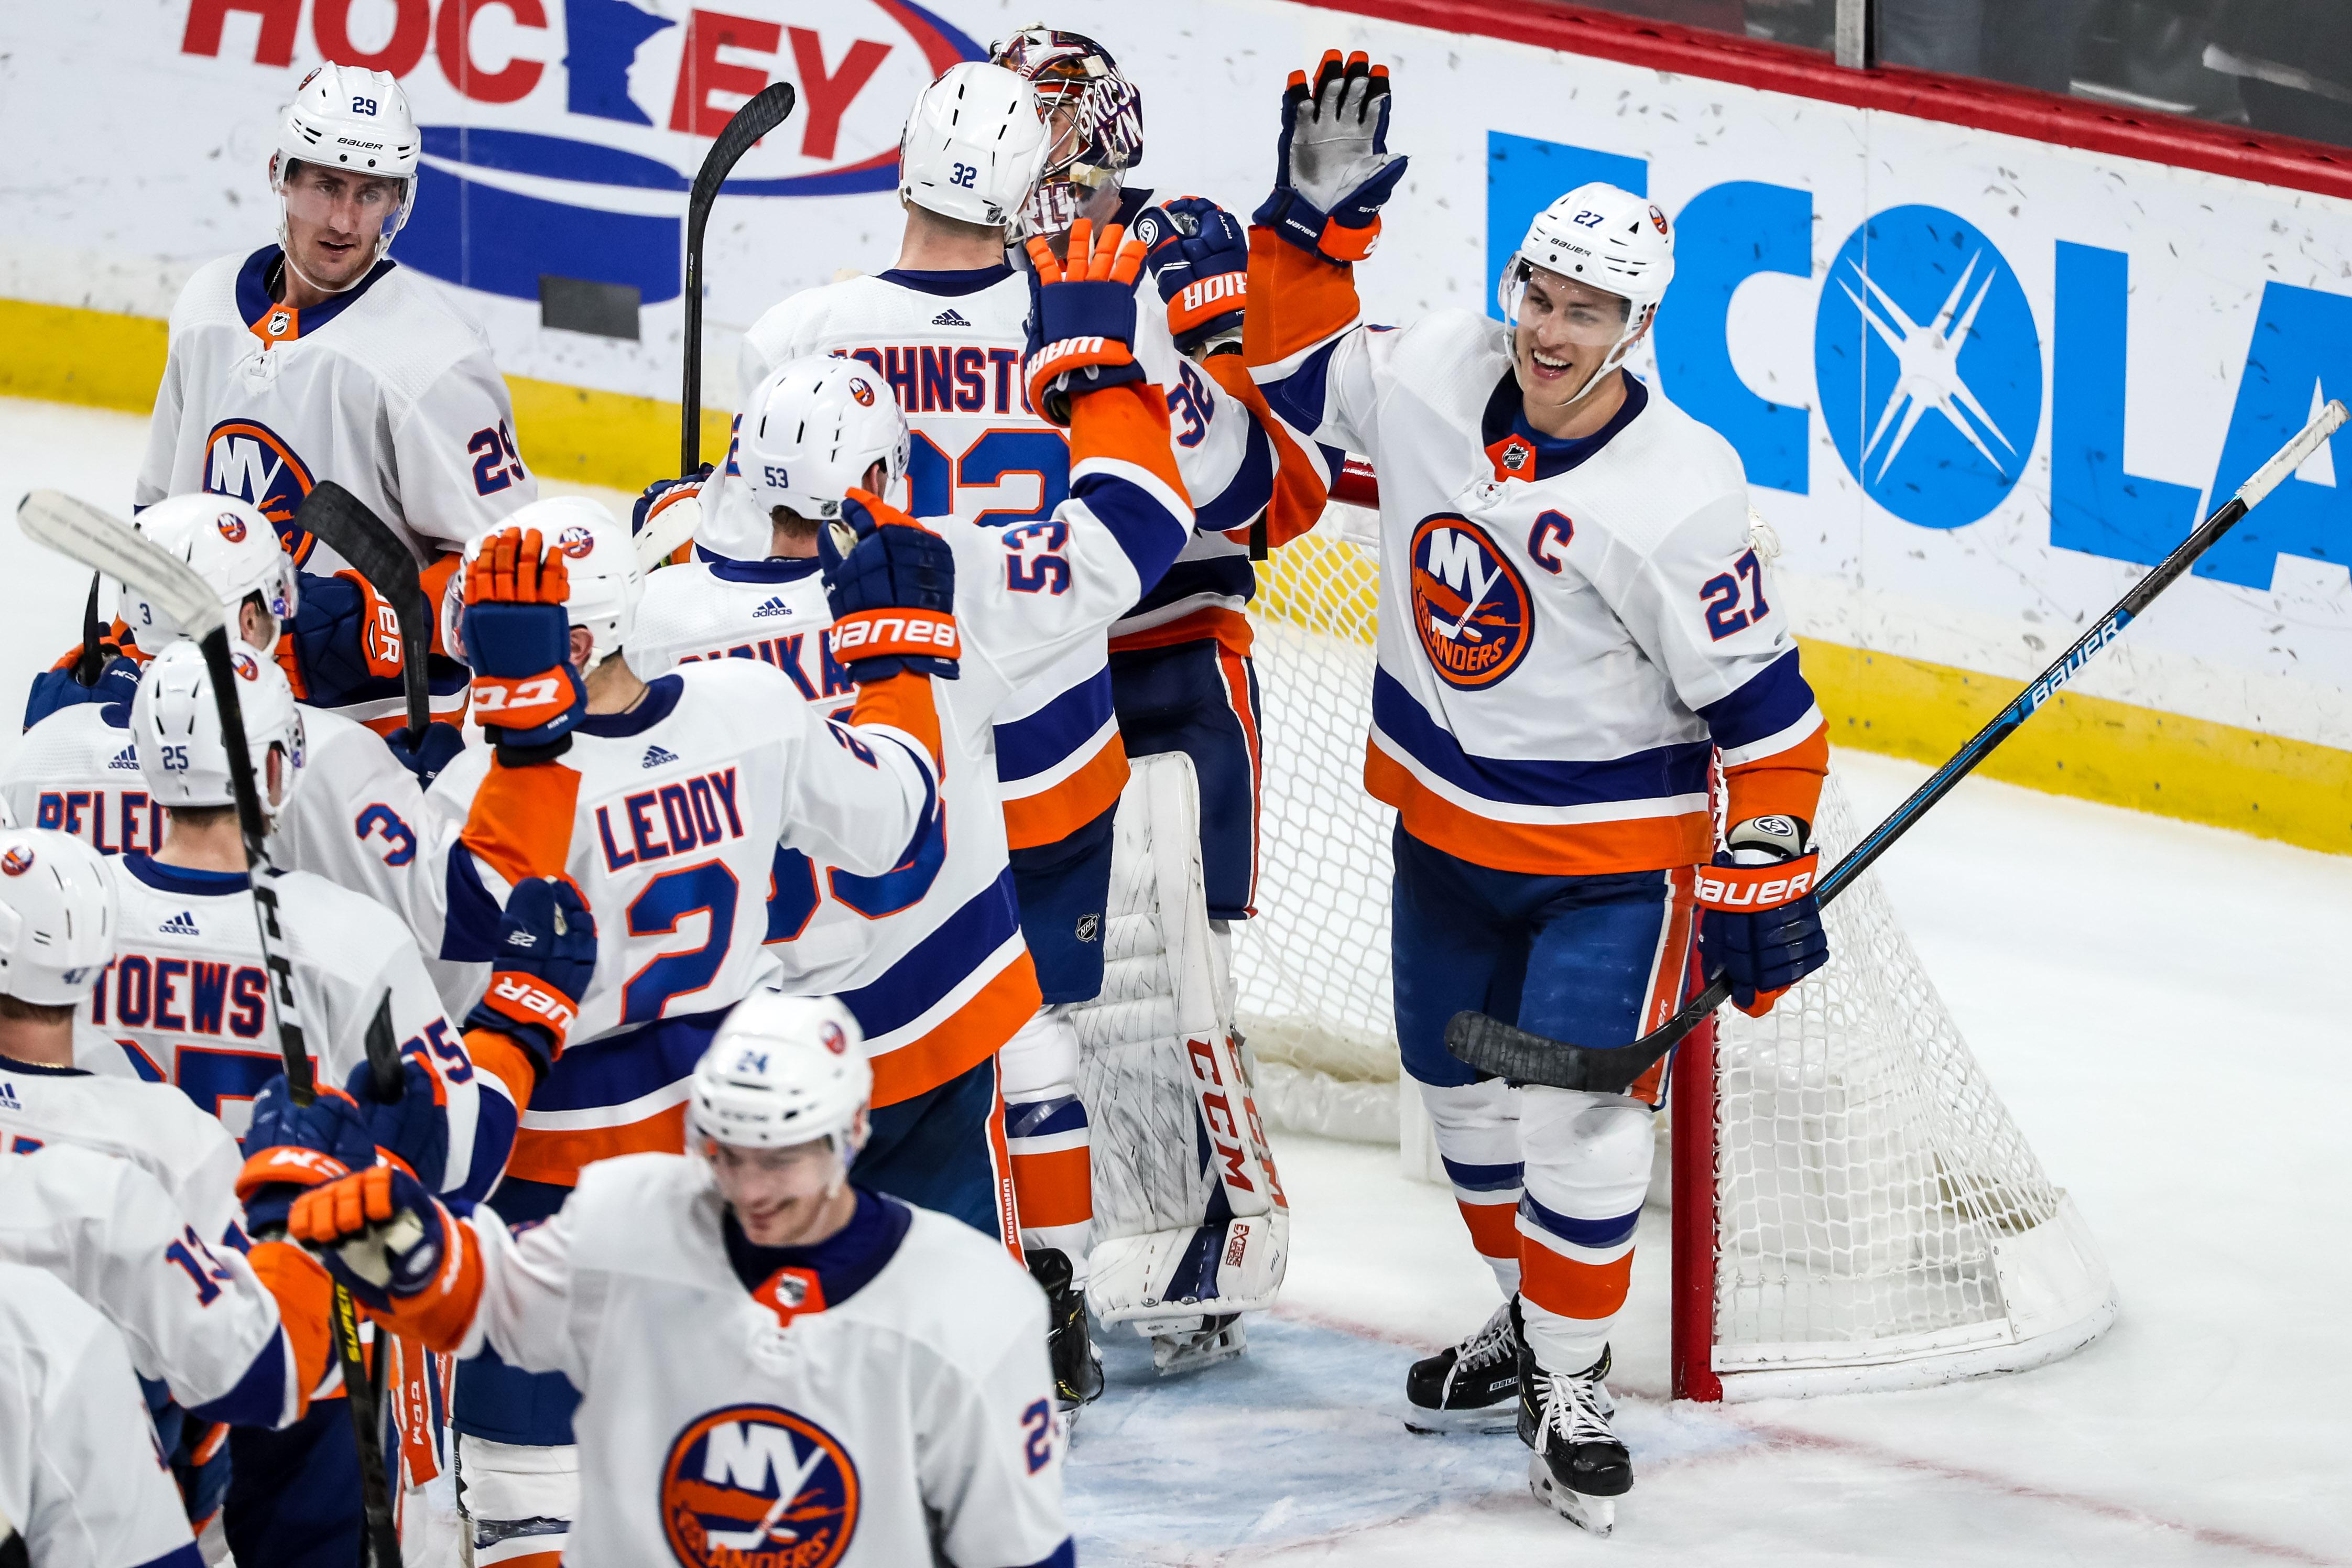 Three Takeaways from the Islanders win in Minnesota